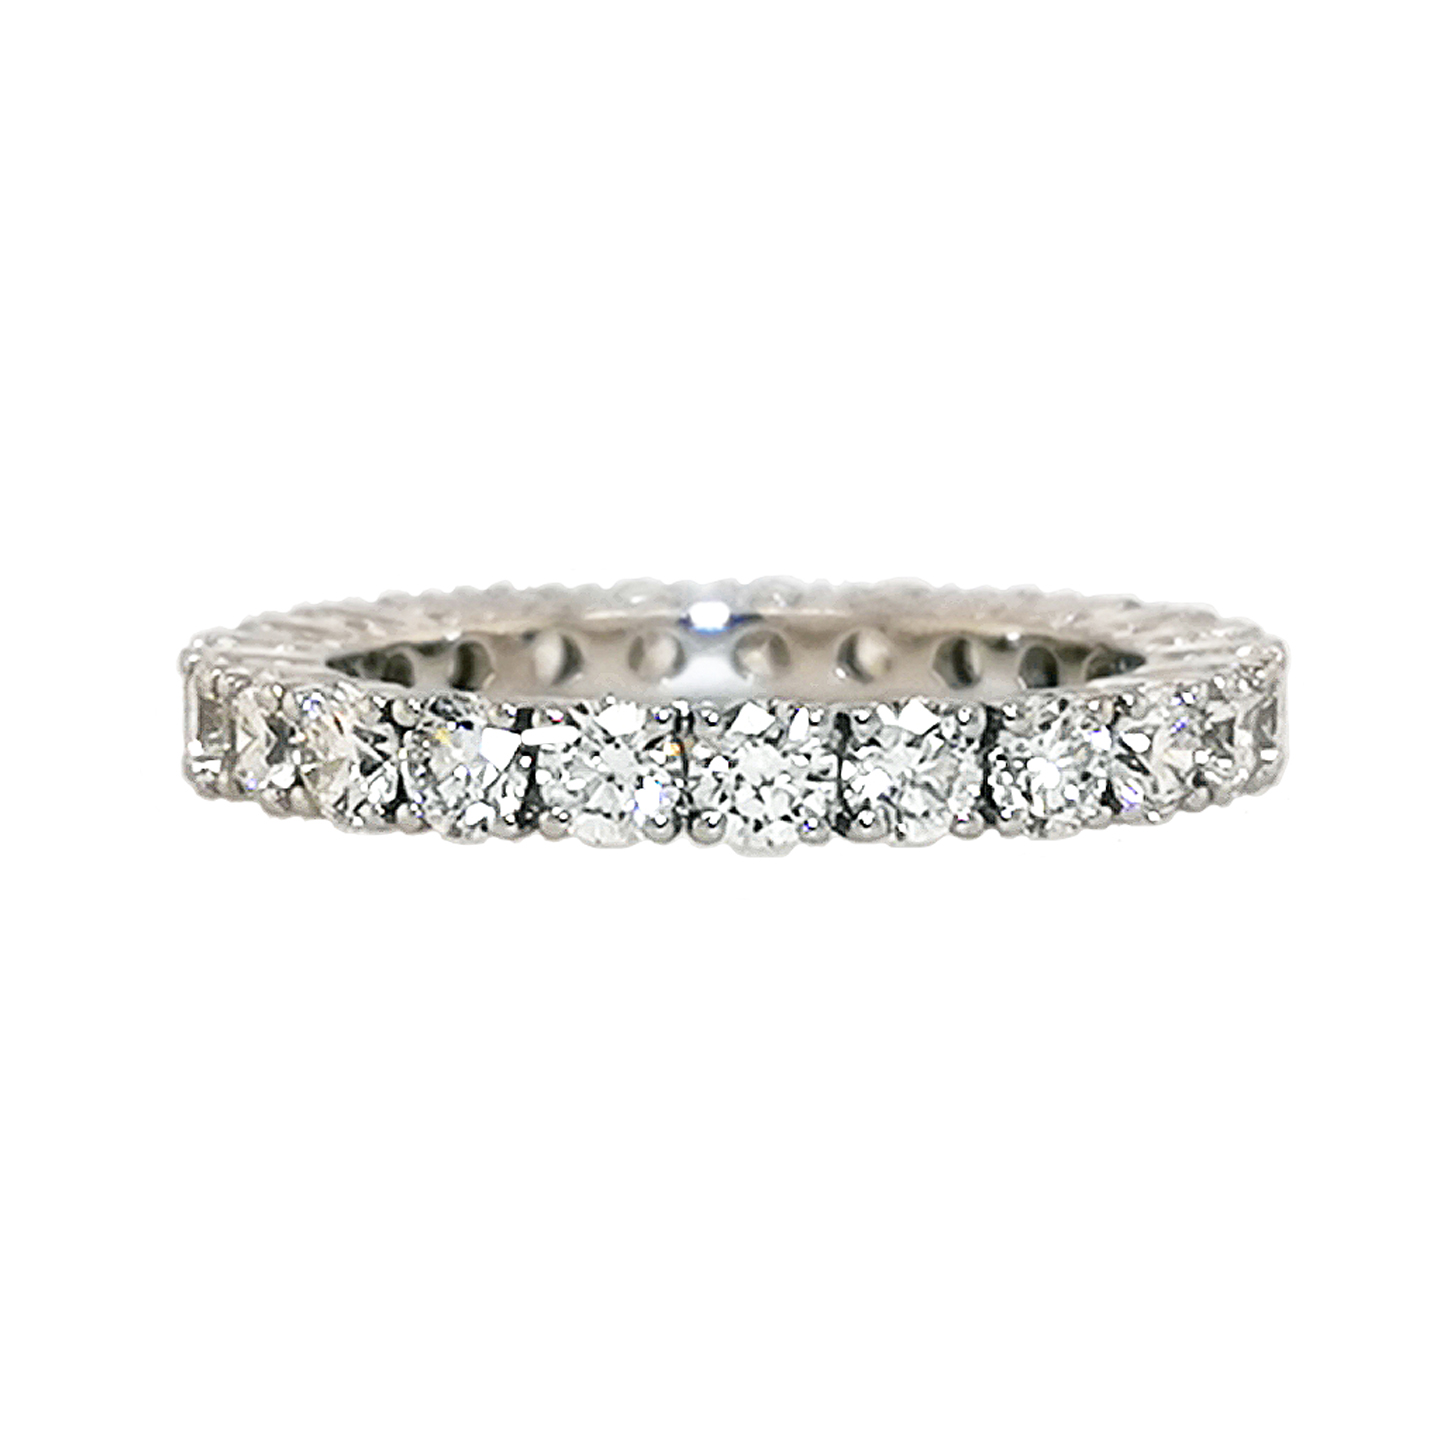 Brillantring aus 585 Weißgold mit über 20 weißen Diamanten im Brillantschliff über 2,5 ct